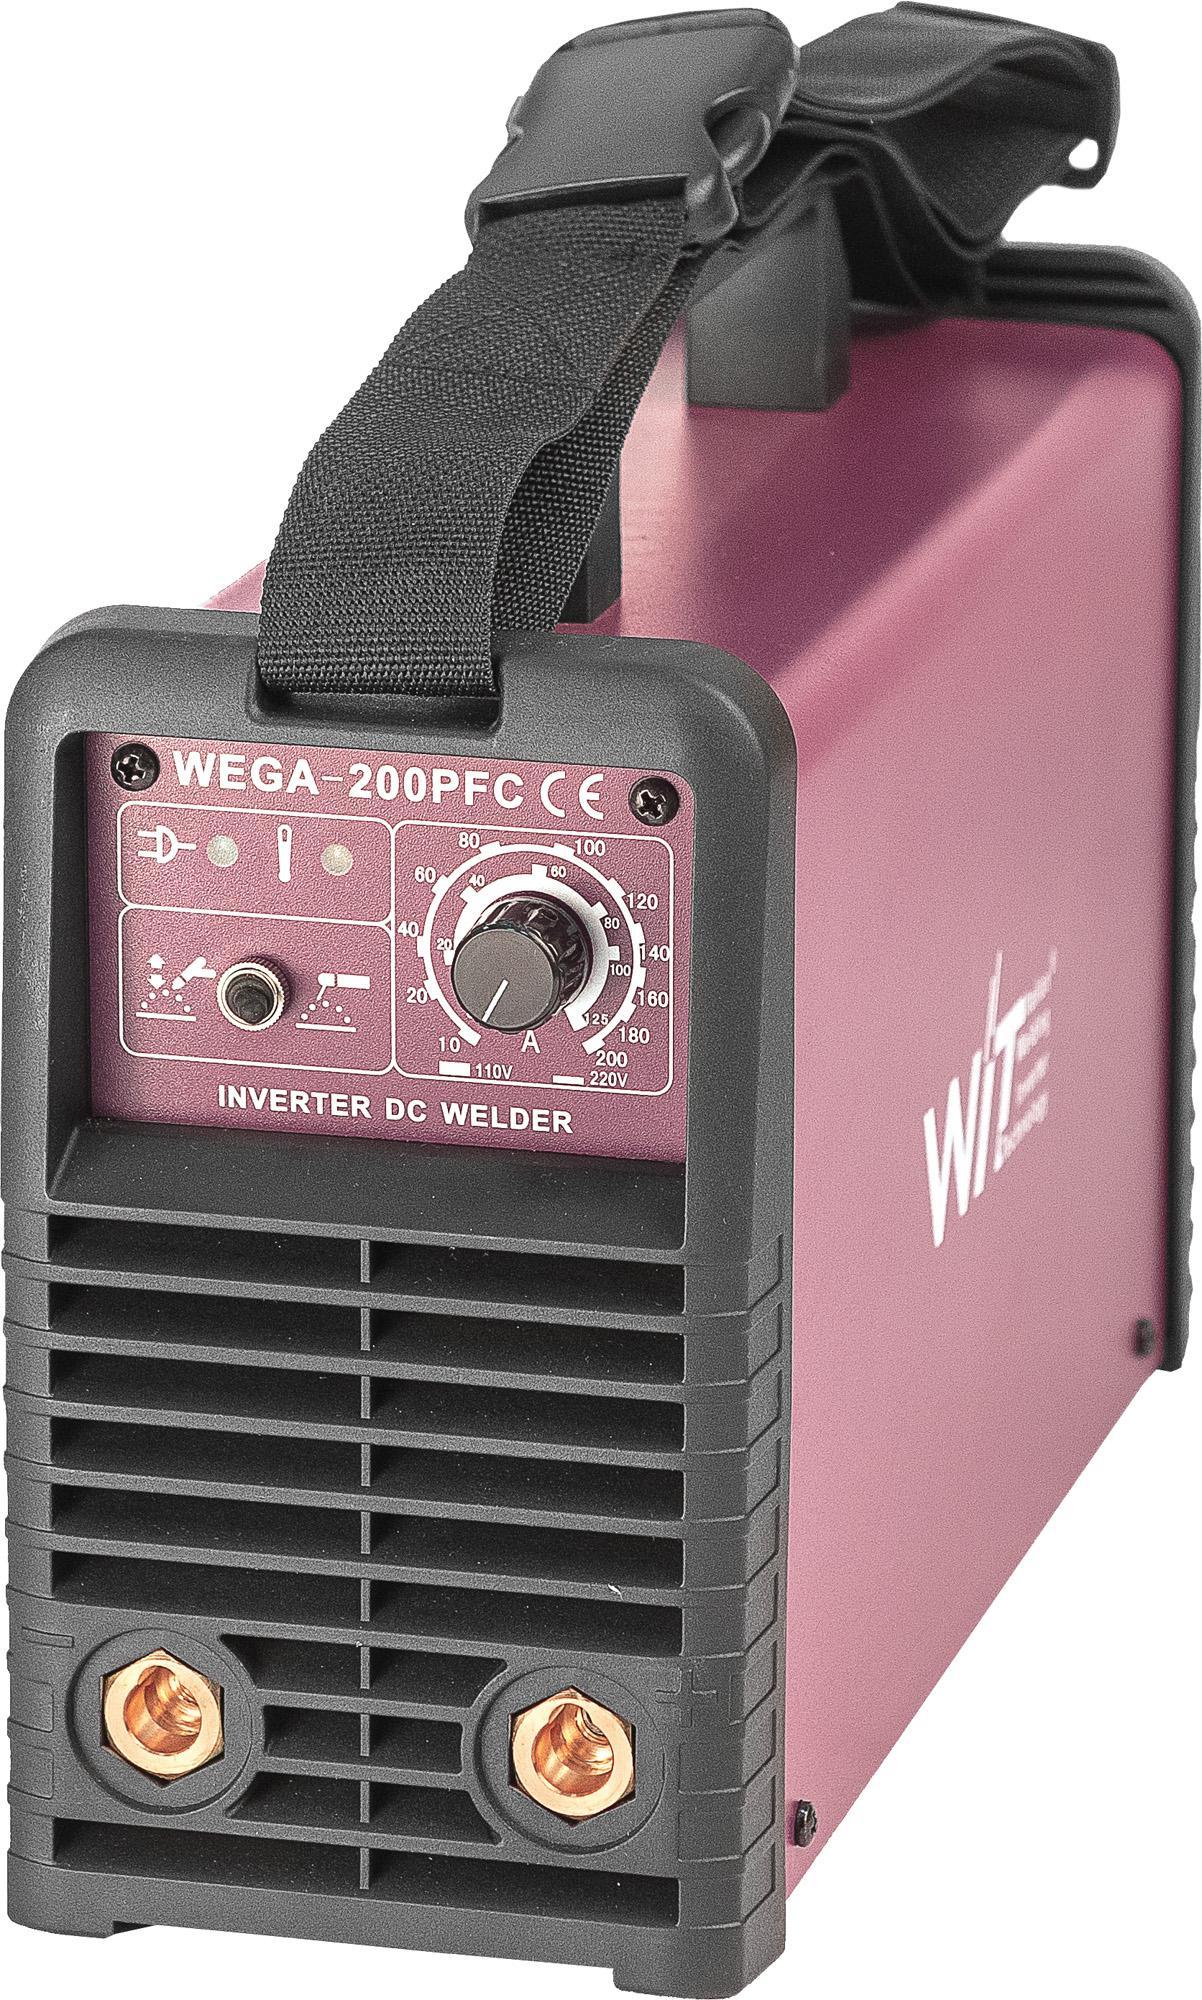 WEGA-200PFC